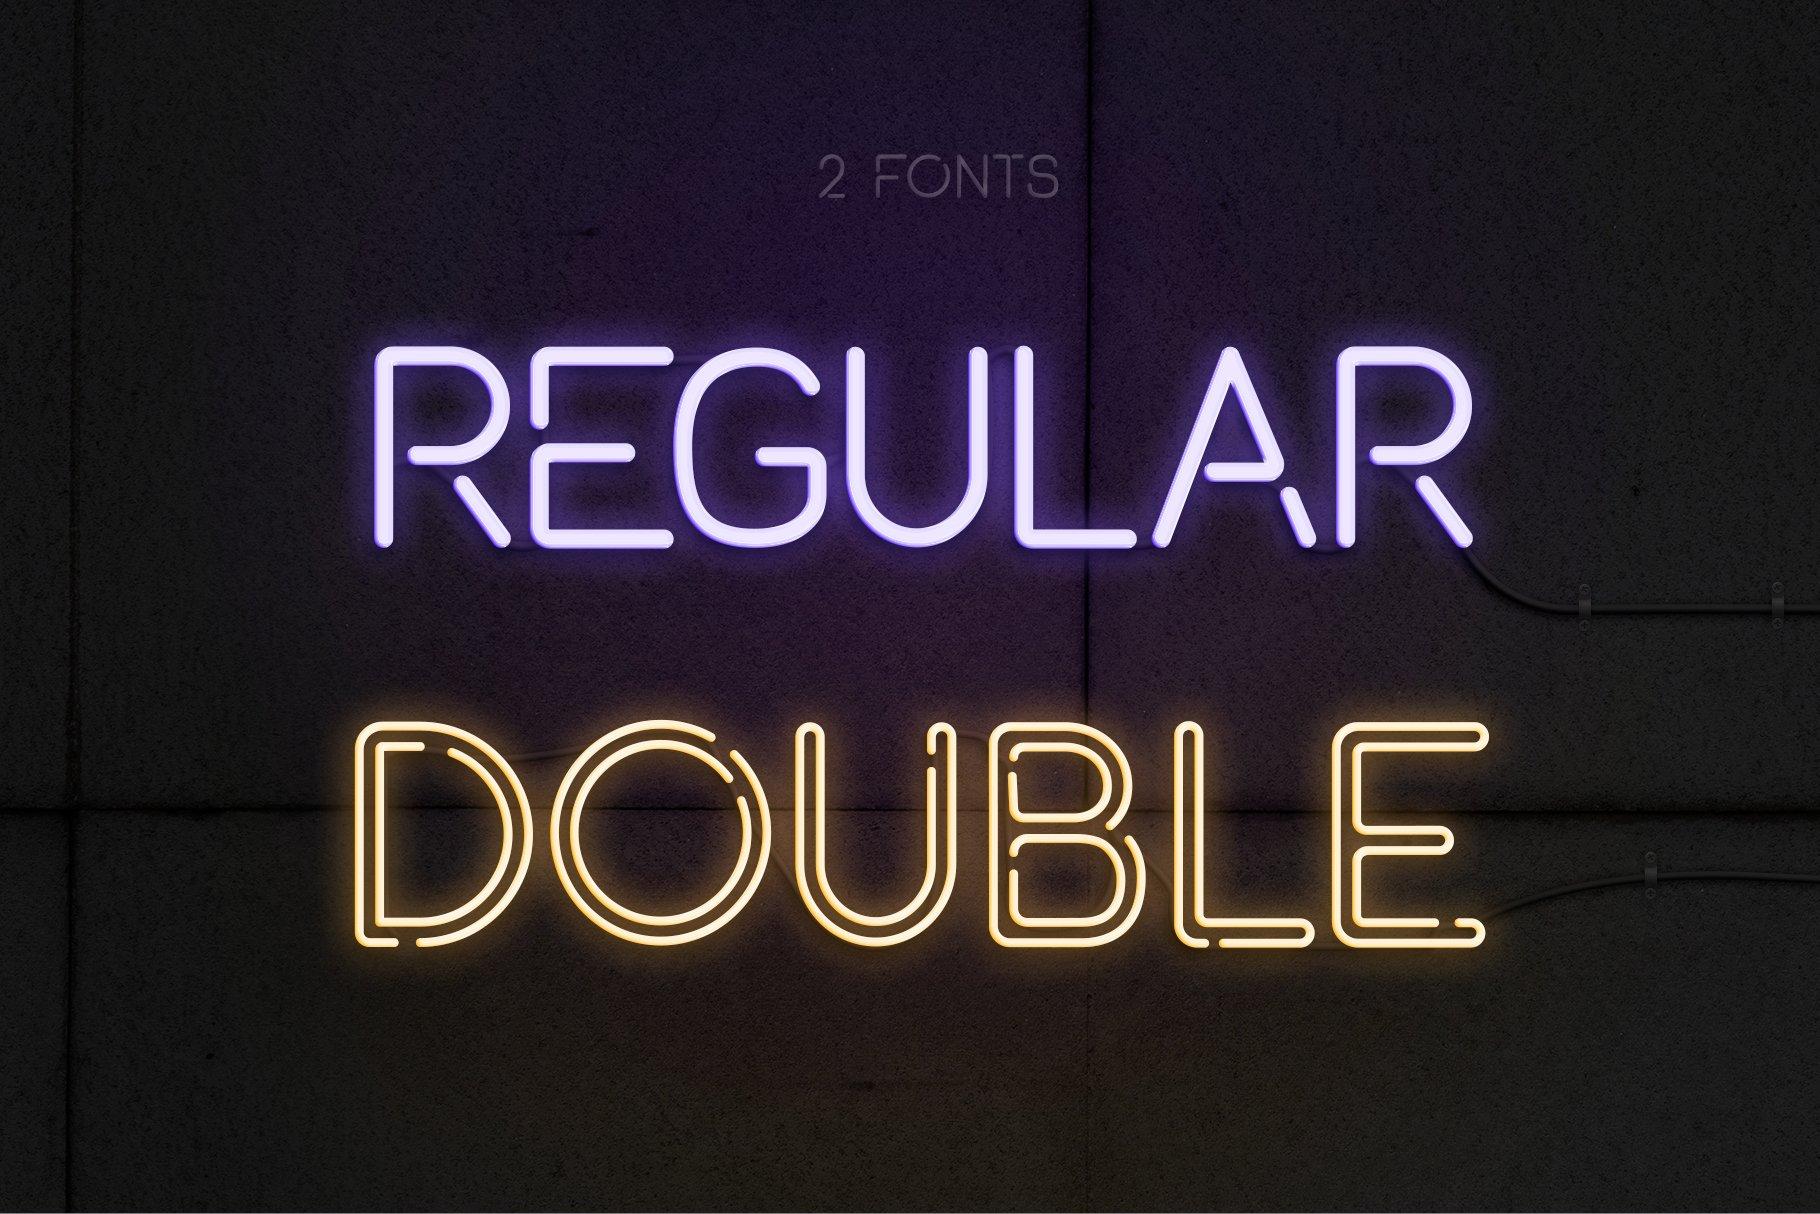 时尚霓虹灯发光特效字体图形元素设计PS样式模板套件 The Ultimate Neon Kit插图(1)